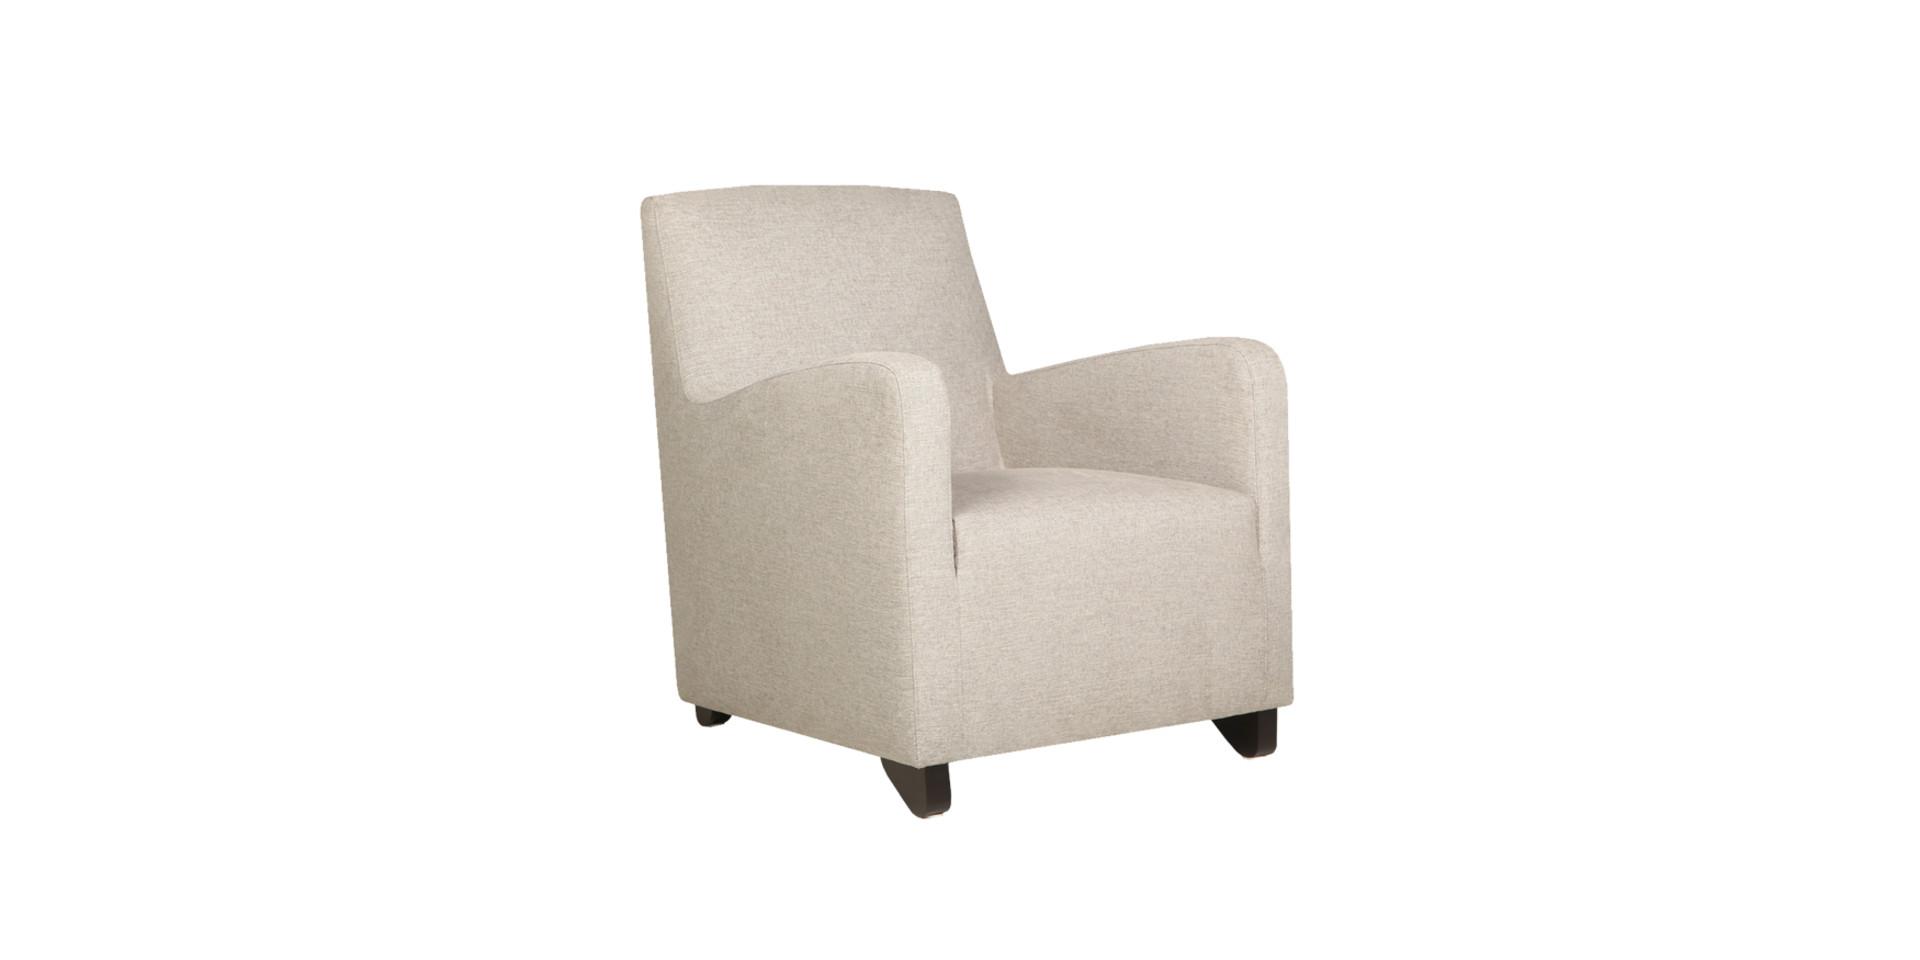 sits-mattis-fauteuil-armchair_drom11_light_brown_2